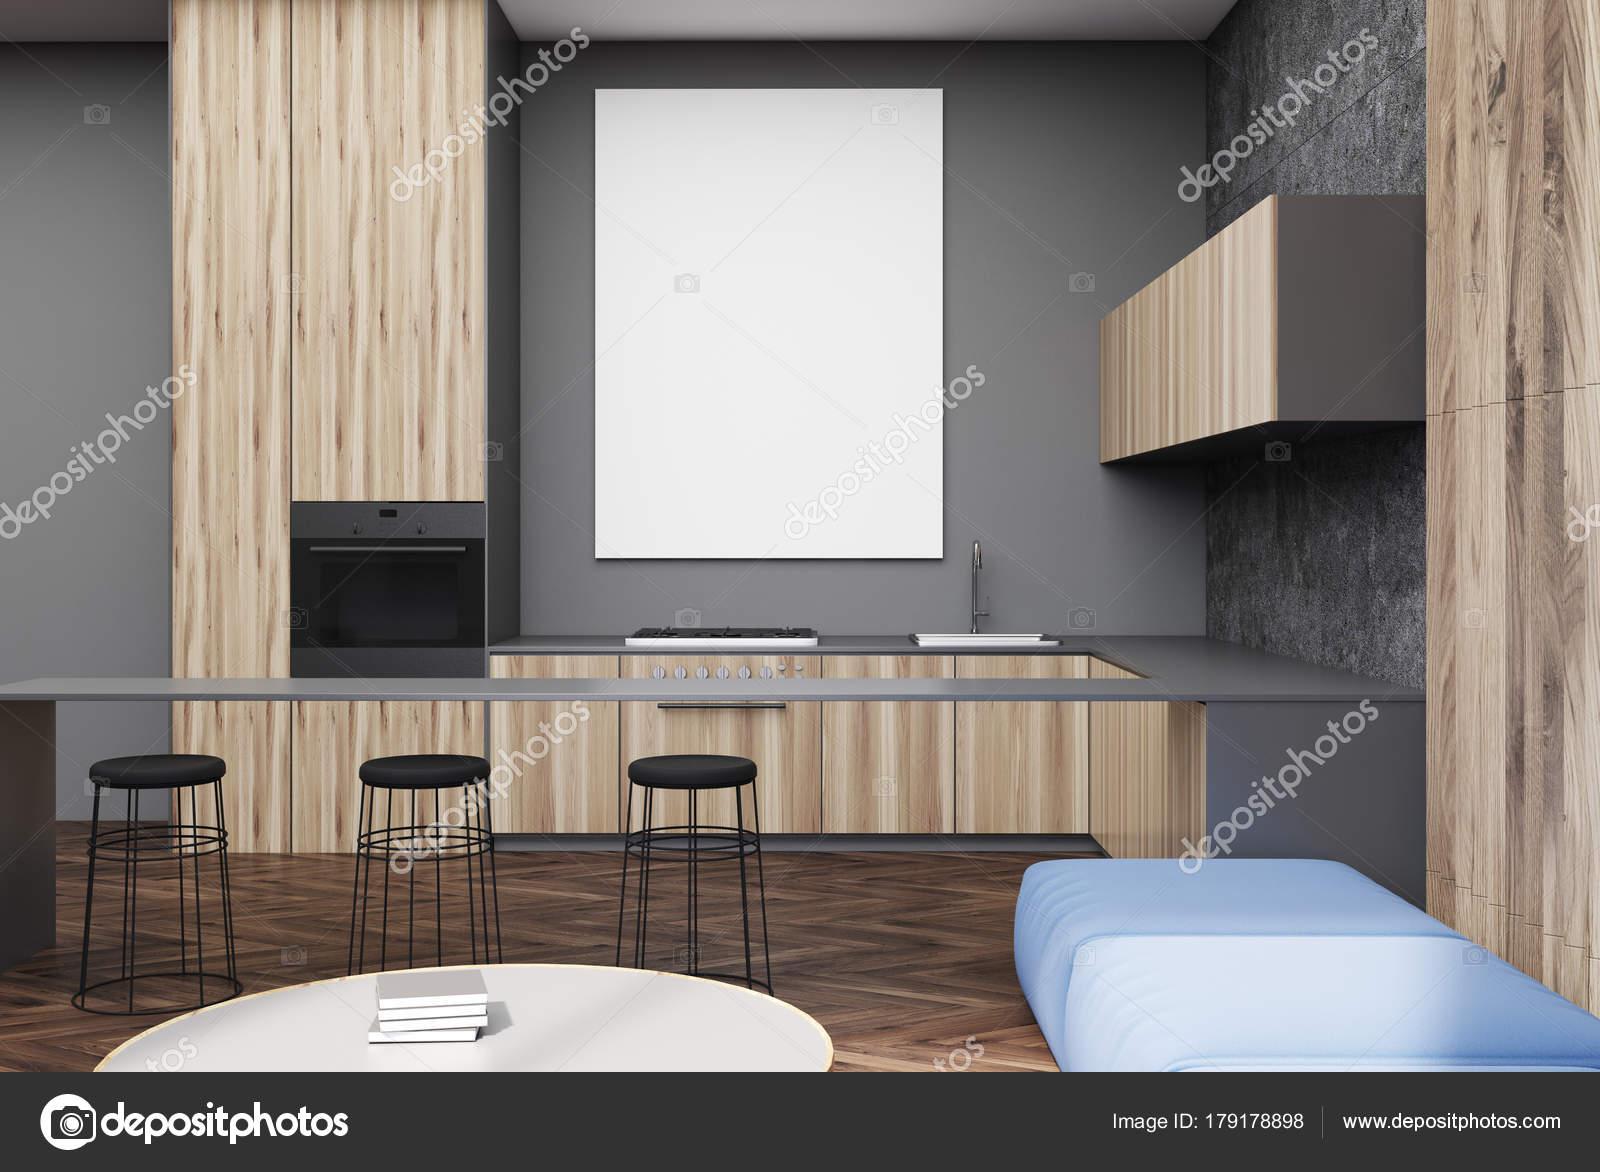 Salone grigio e in legno poster sgabelli da bar u2014 foto stock